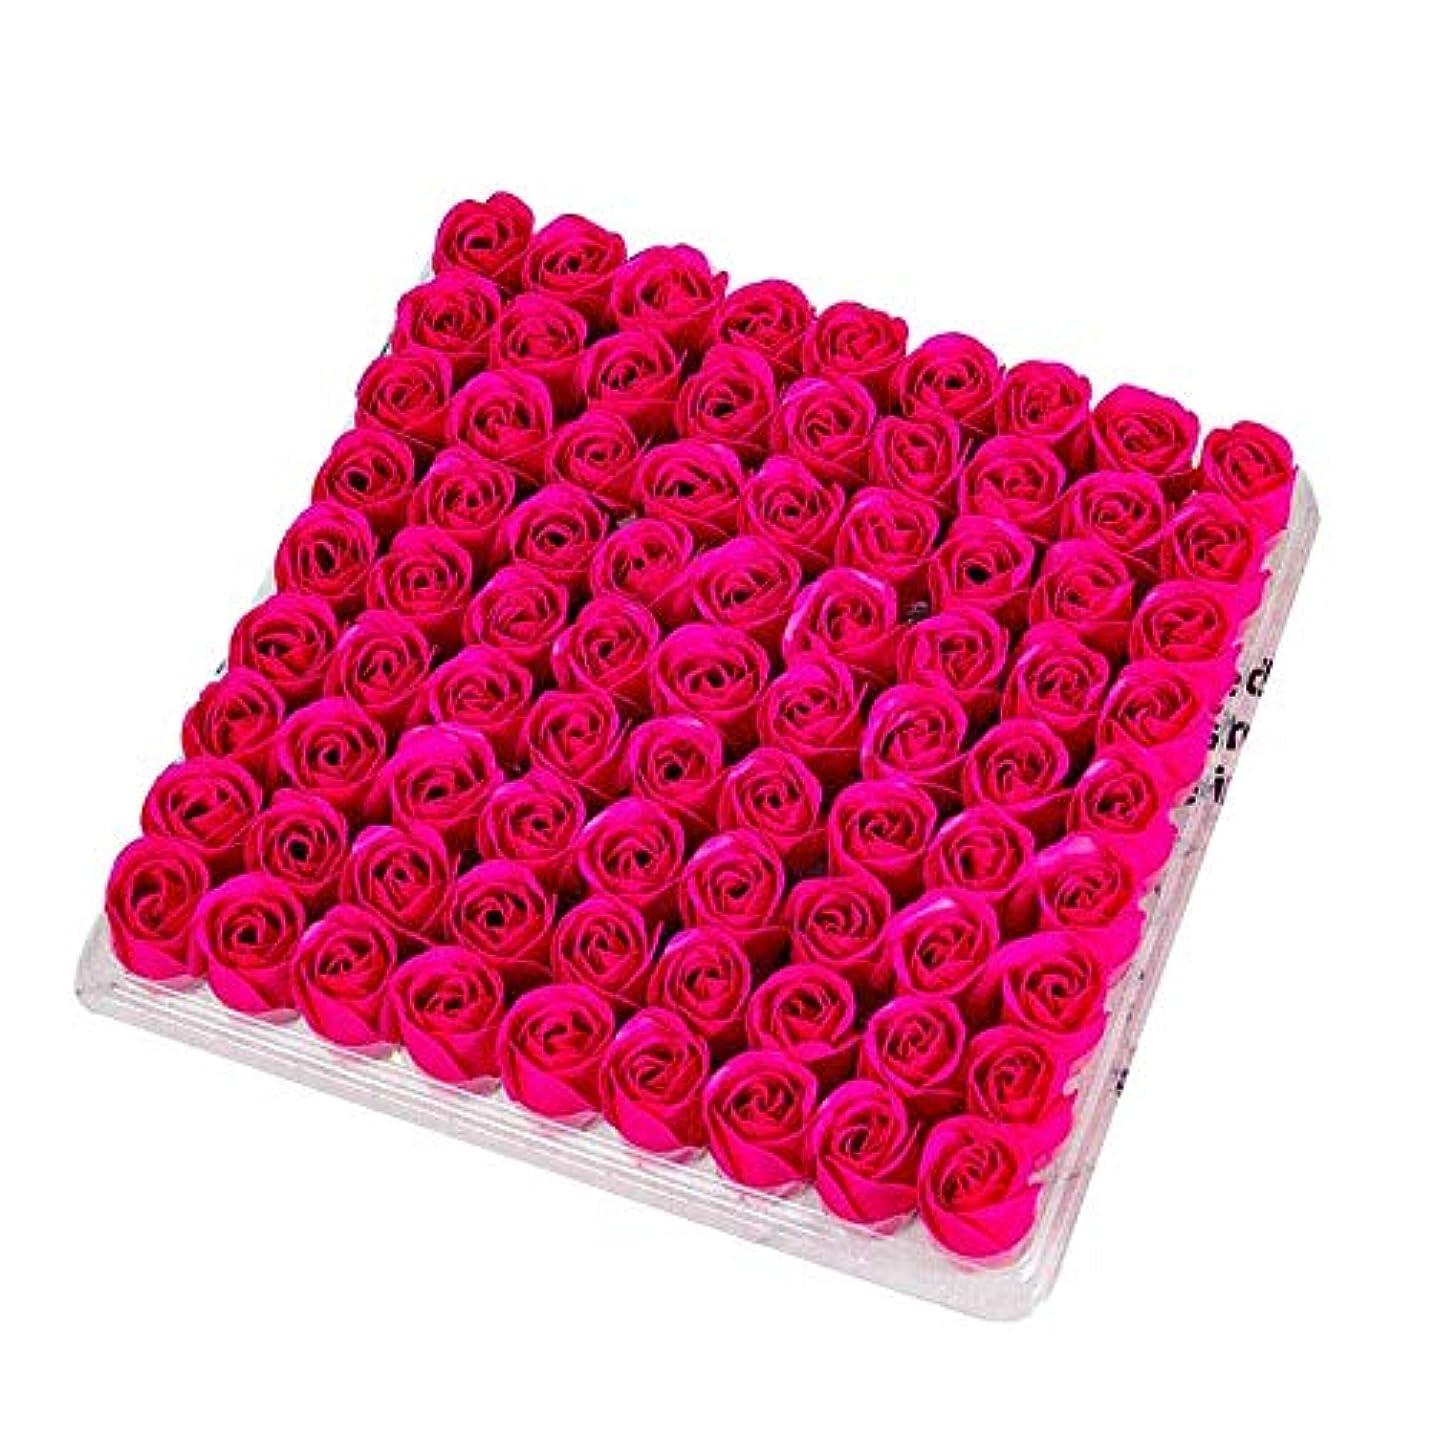 ターゲットスコア義務CUHAWUDBA 81個の薔薇、バス ボディ フラワー?フローラルの石けん 香りのよいローズフラワー エッセンシャルオイル フローラルのお客様への石鹸 ウェディング、パーティー、バレンタインデーの贈り物、薔薇、ローズレッド